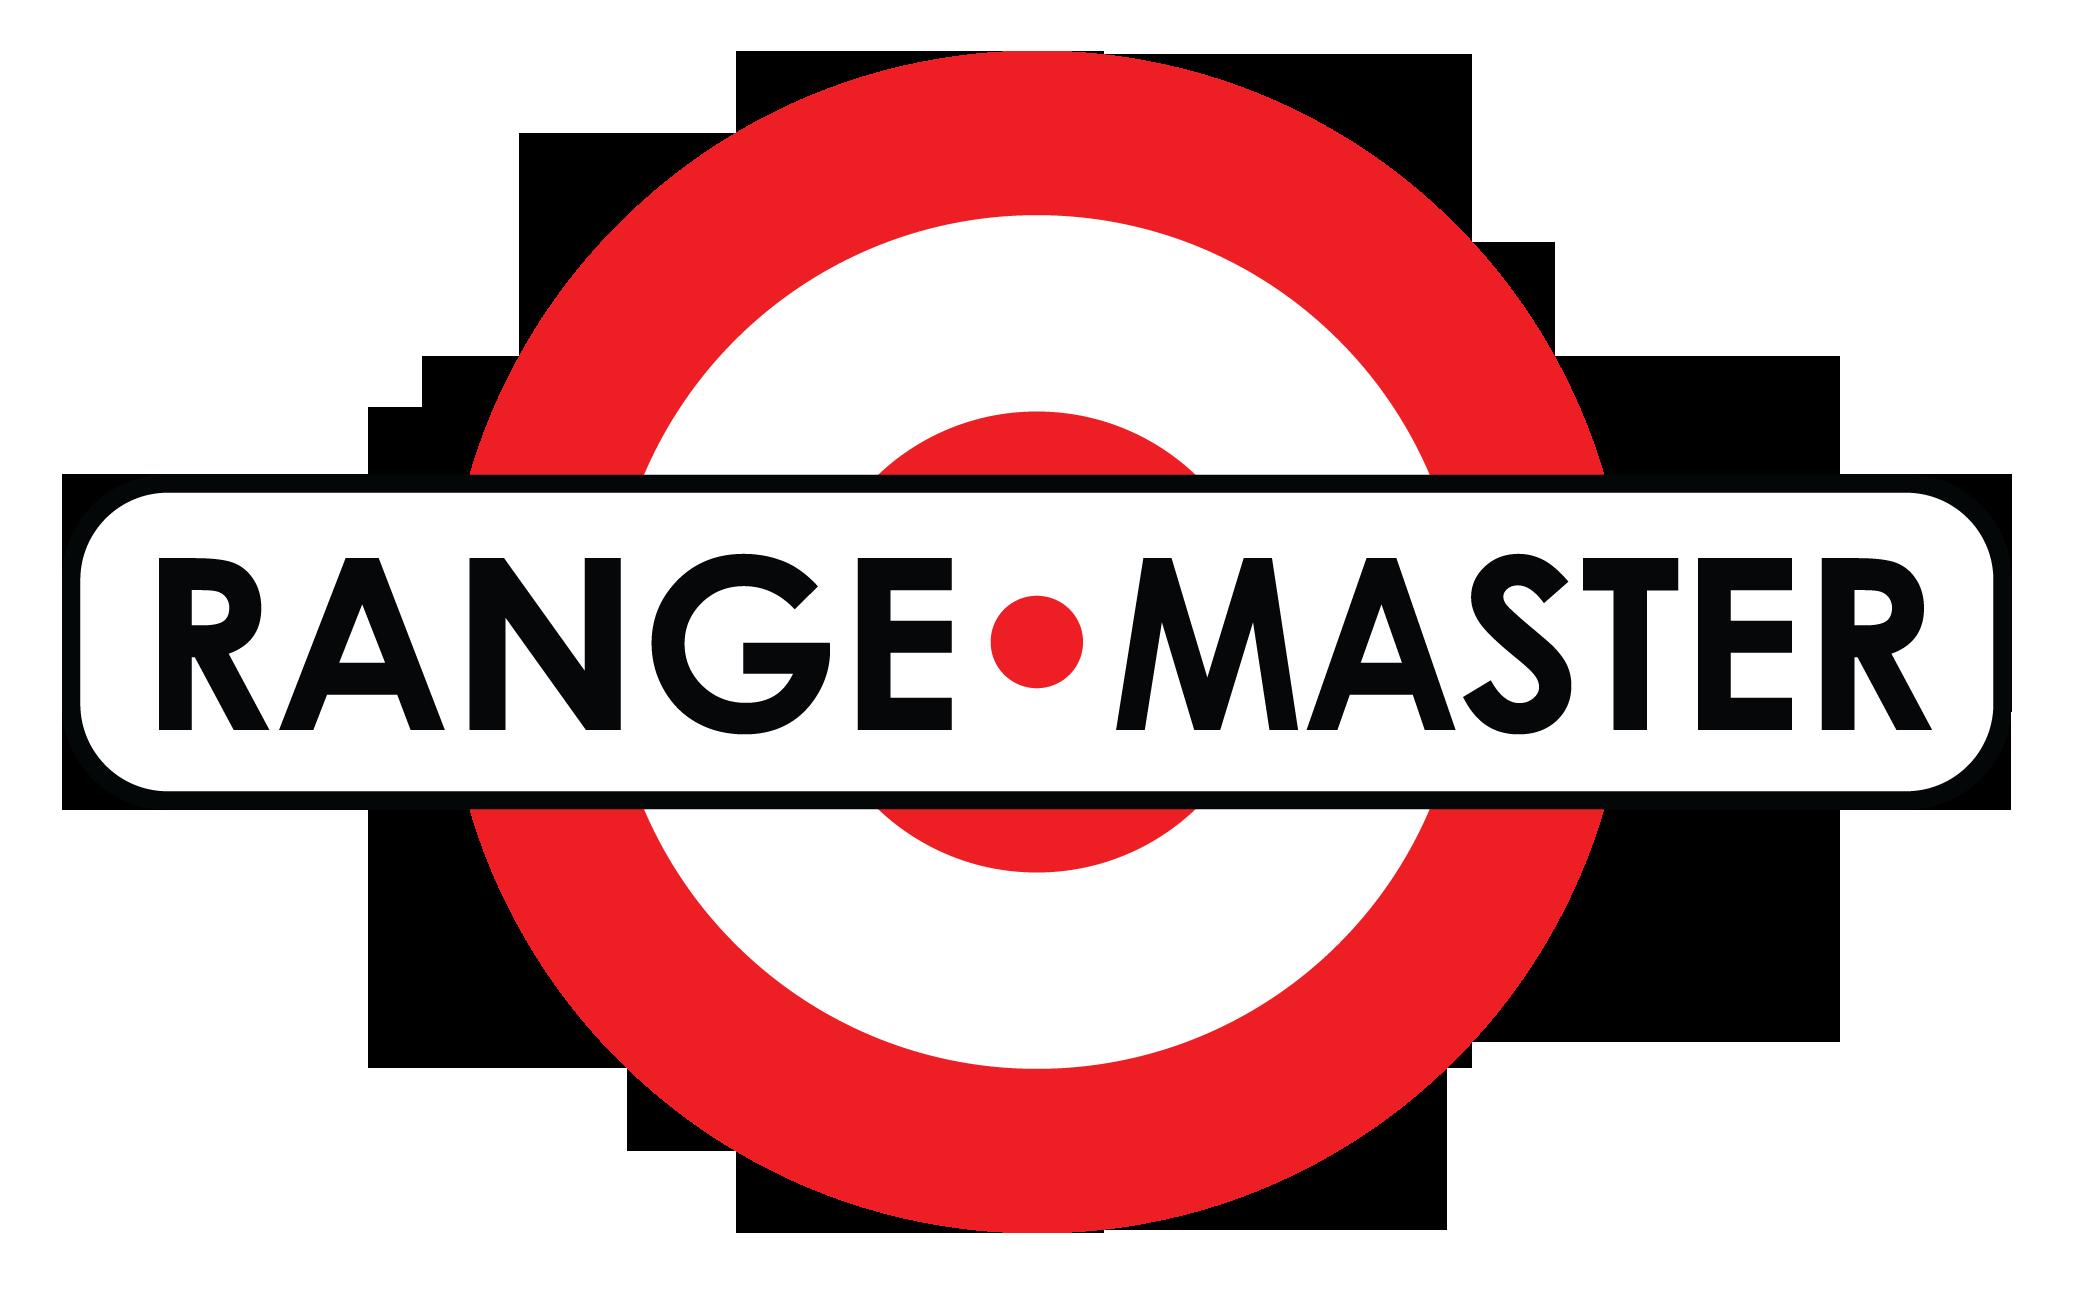 Rangemaster